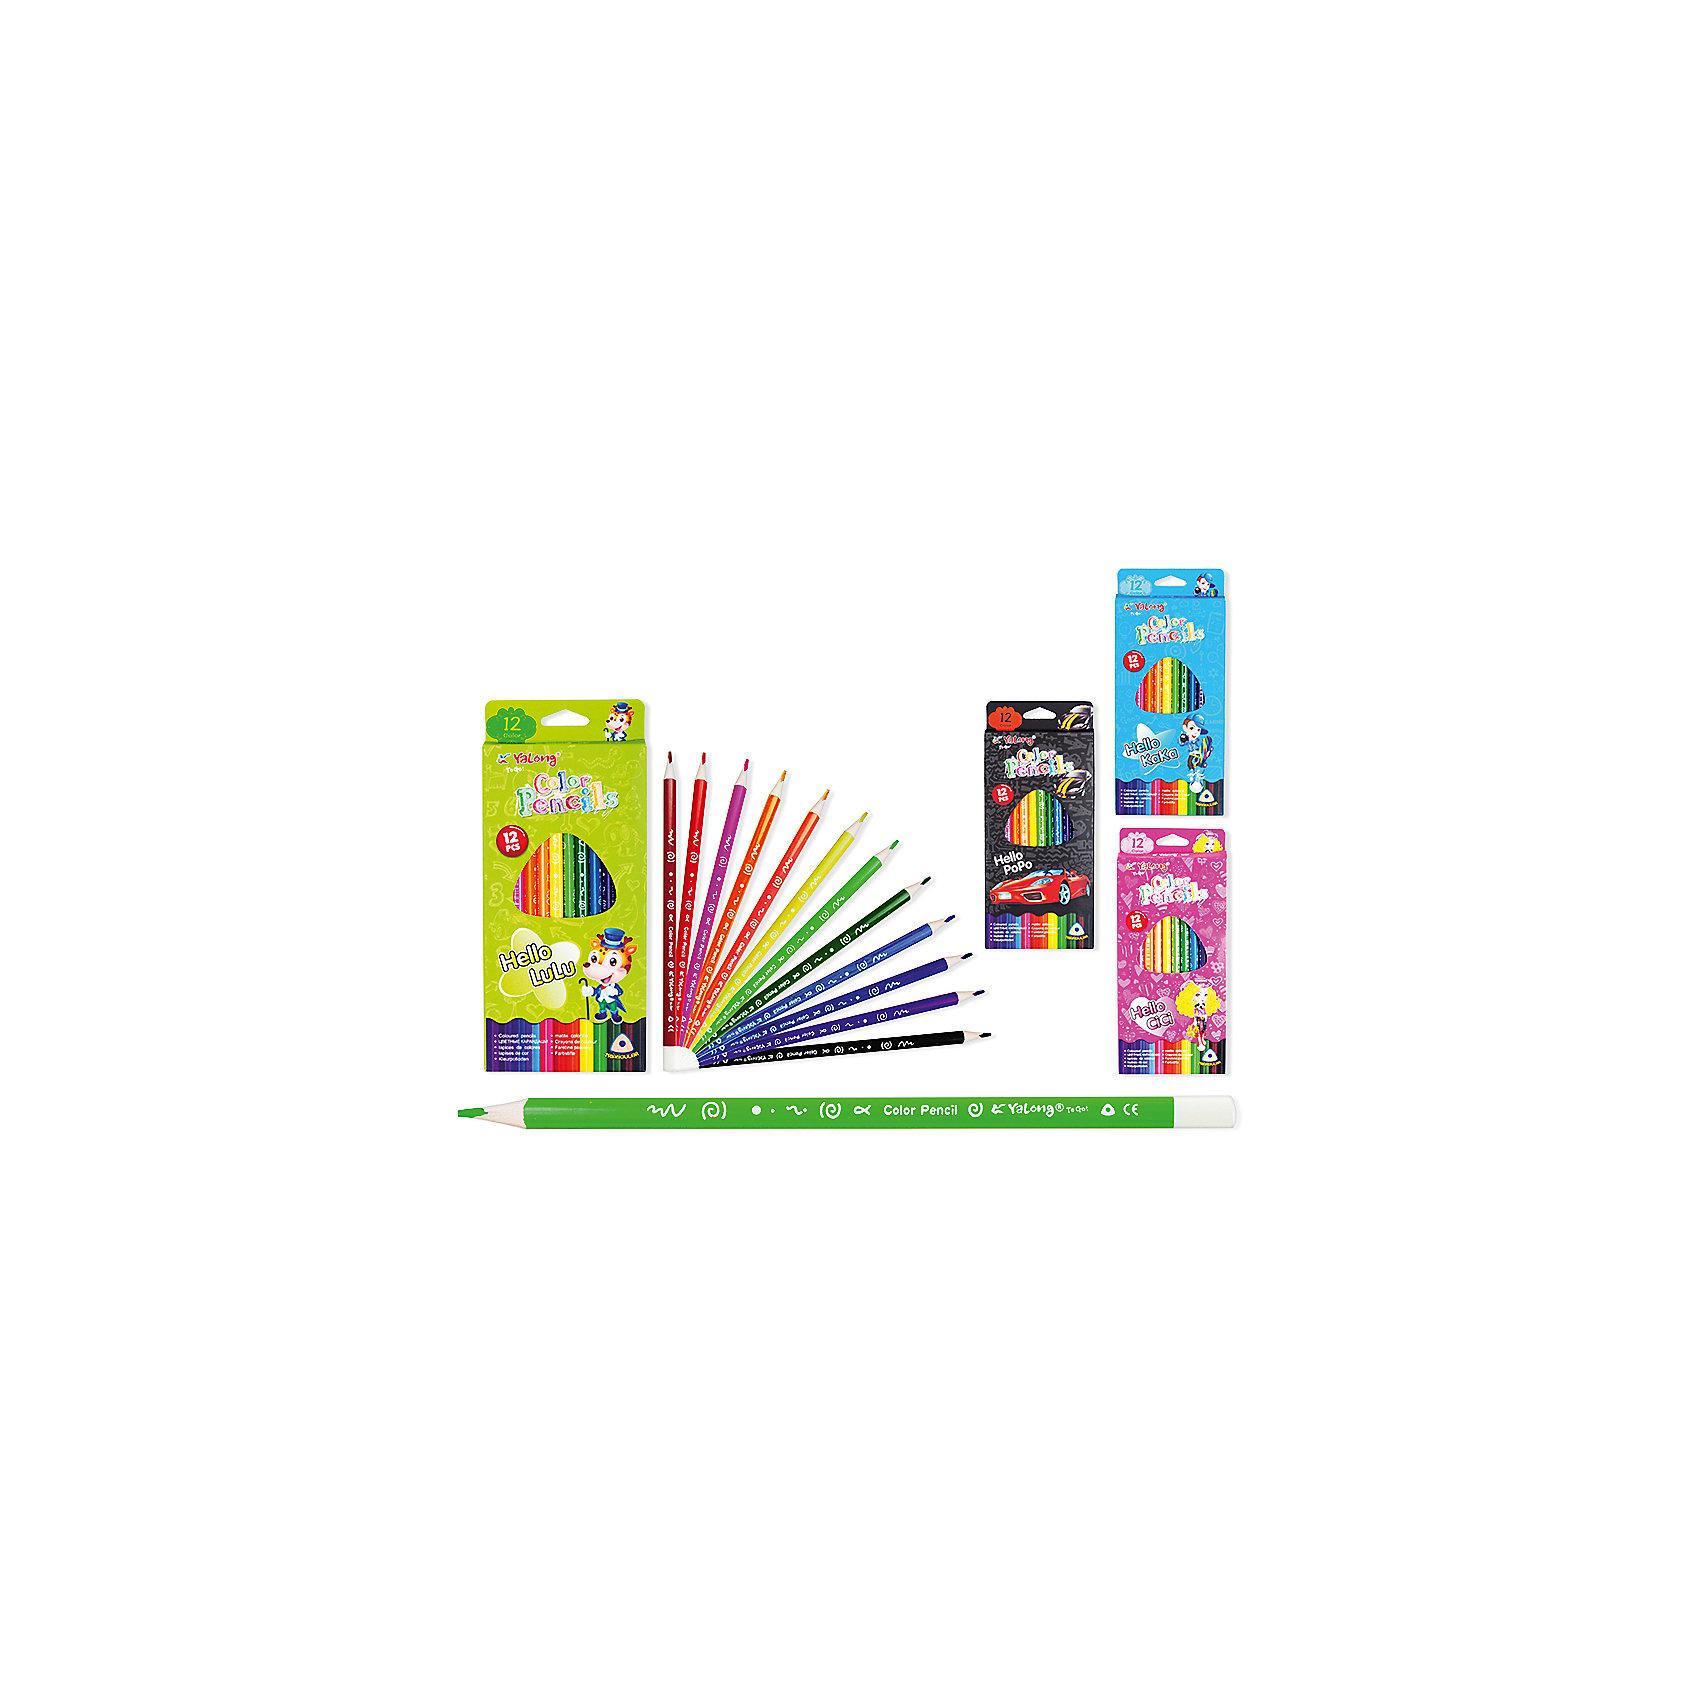 Трехгранные цветные карандаши, 12 цветовПоследняя цена<br>Набор цветных карандашей – классический пункт в списке школьных покупок. Качественные карандаши прослужат ребенку не один год даже при активном использовании. Важно подобрать набор с яркими цветами, мягким, но прочным стержнем и грифелем с легкой растушевкой. Данная модель набора цветных карандашей – отличный выбор для обновки школьного пенала. Карандаши имеют трехгранный корпус, что выглядит довольно необычно. Все материалы, использованные при изготовлении, отвечают международным требованиям по качеству и безопасности.<br><br>Дополнительная информация: <br><br>количество цветов: 12 шт;<br>упаковка: картонный дисплей.<br><br>Набор цветных карандашей можно приобрести в нашем магазине.<br><br>Ширина мм: 100<br>Глубина мм: 100<br>Высота мм: 10<br>Вес г: 50<br>Возраст от месяцев: 36<br>Возраст до месяцев: 120<br>Пол: Унисекс<br>Возраст: Детский<br>SKU: 4993559